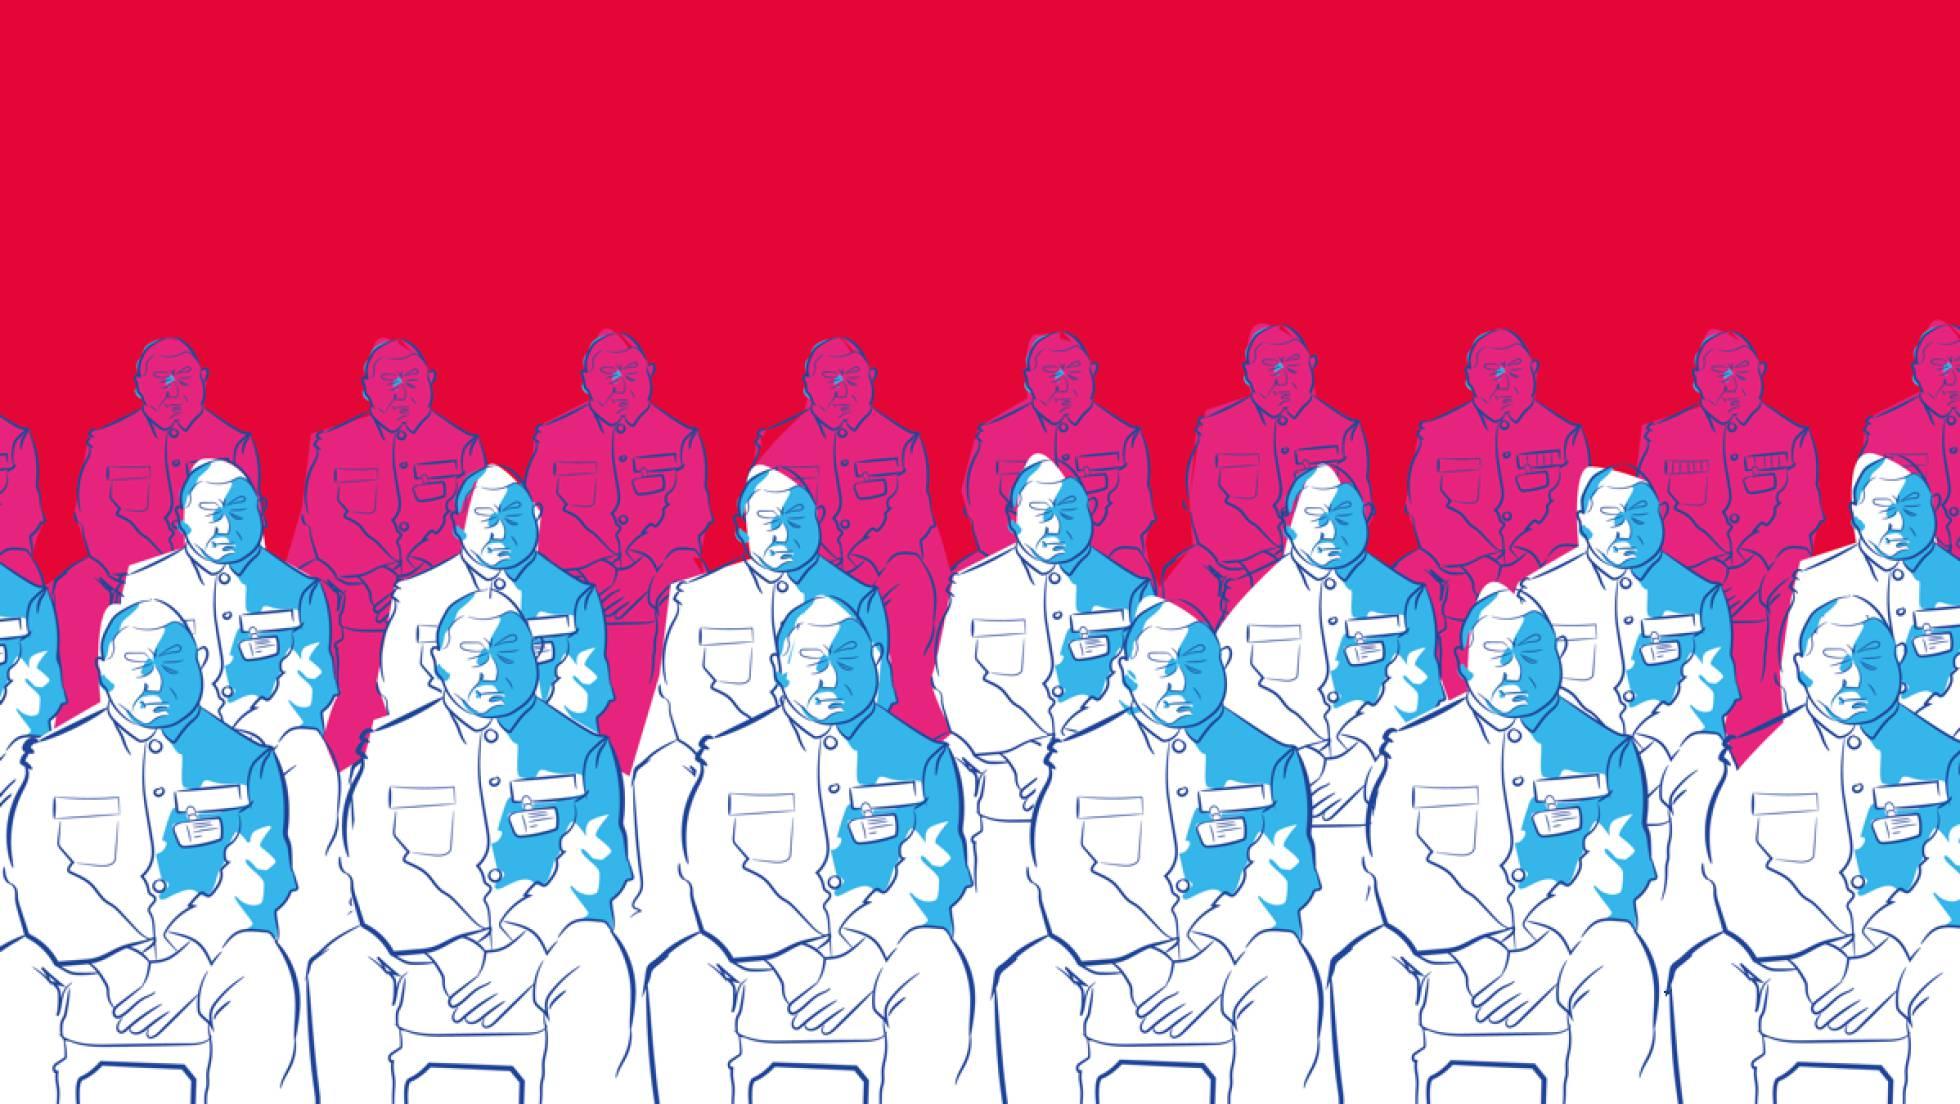 Detenciones masivas y lavado de cerebro: los archivos secretos de la represión china